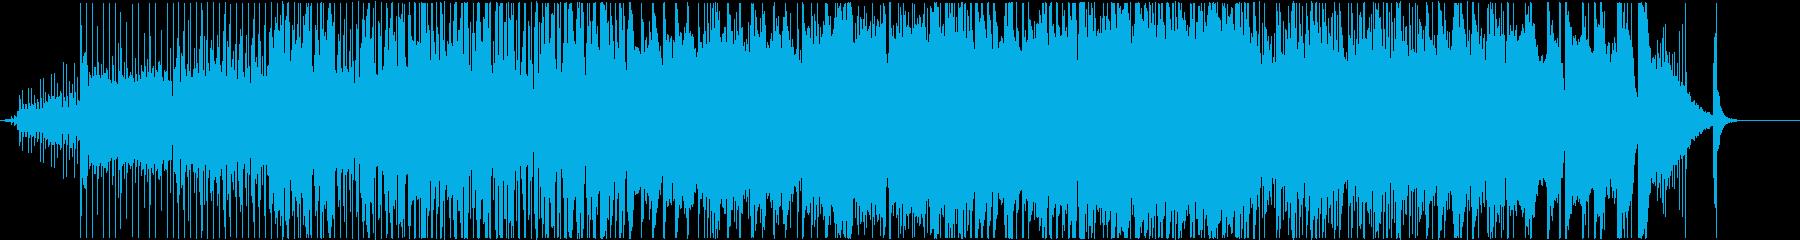 深海イメージのjazz-fusion曲の再生済みの波形